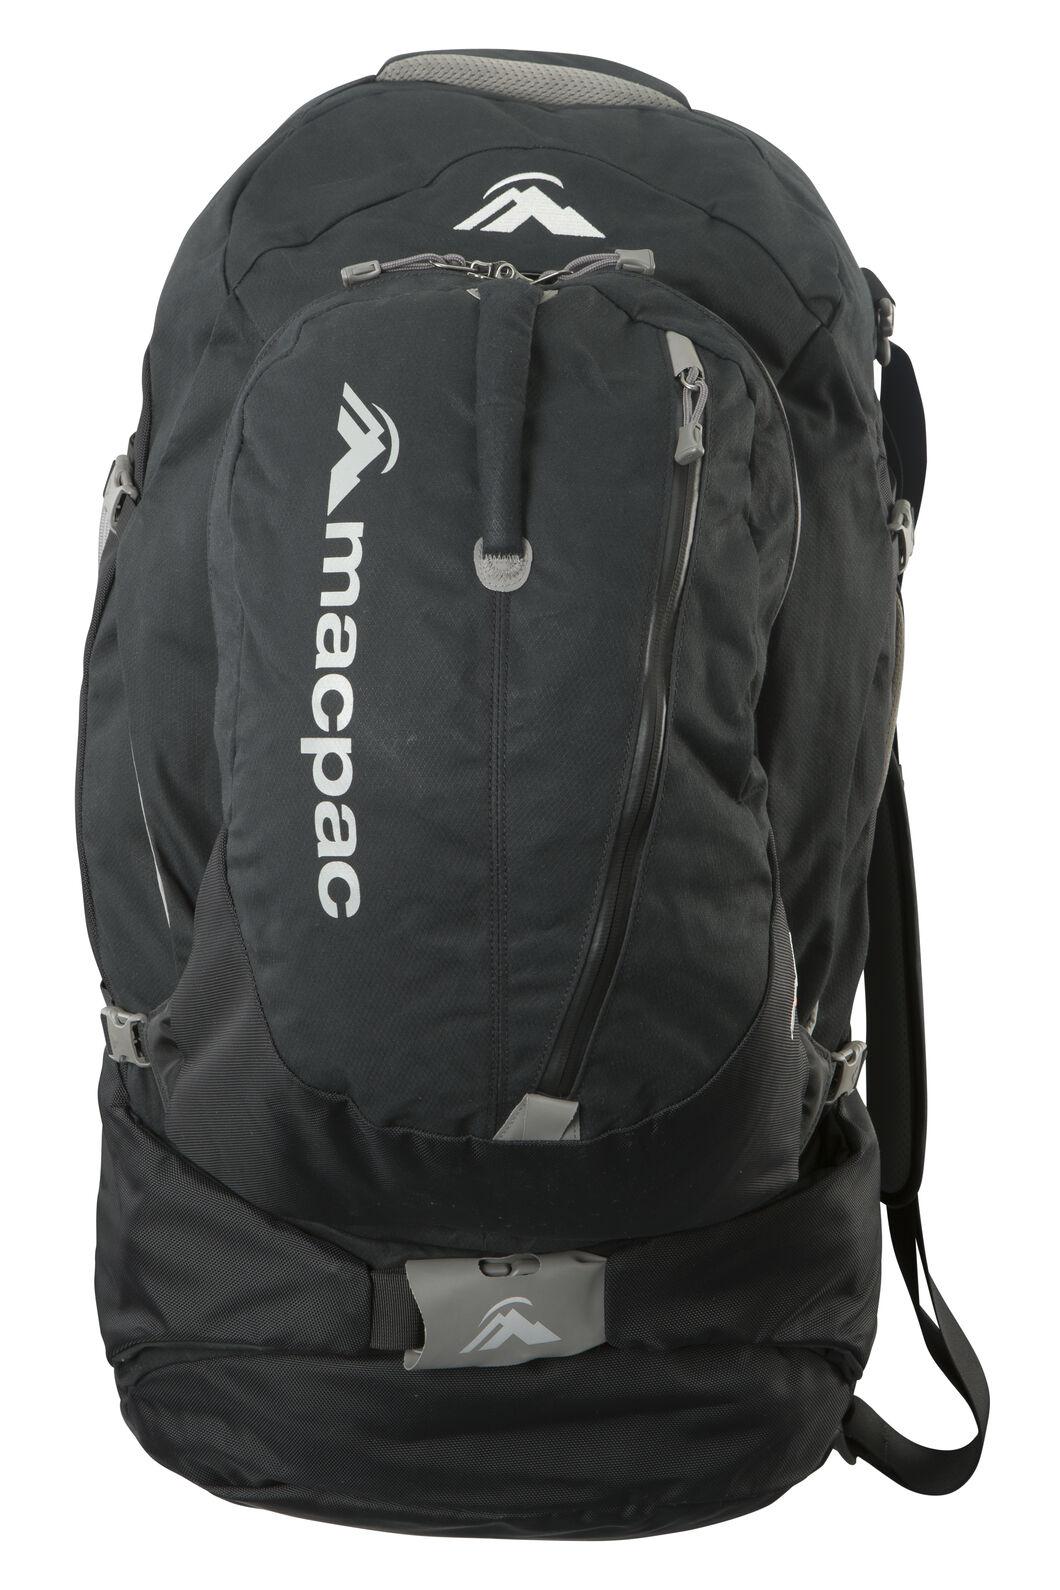 Macpac Gemini AzTec® 75L Travel Pack, Black, hi-res